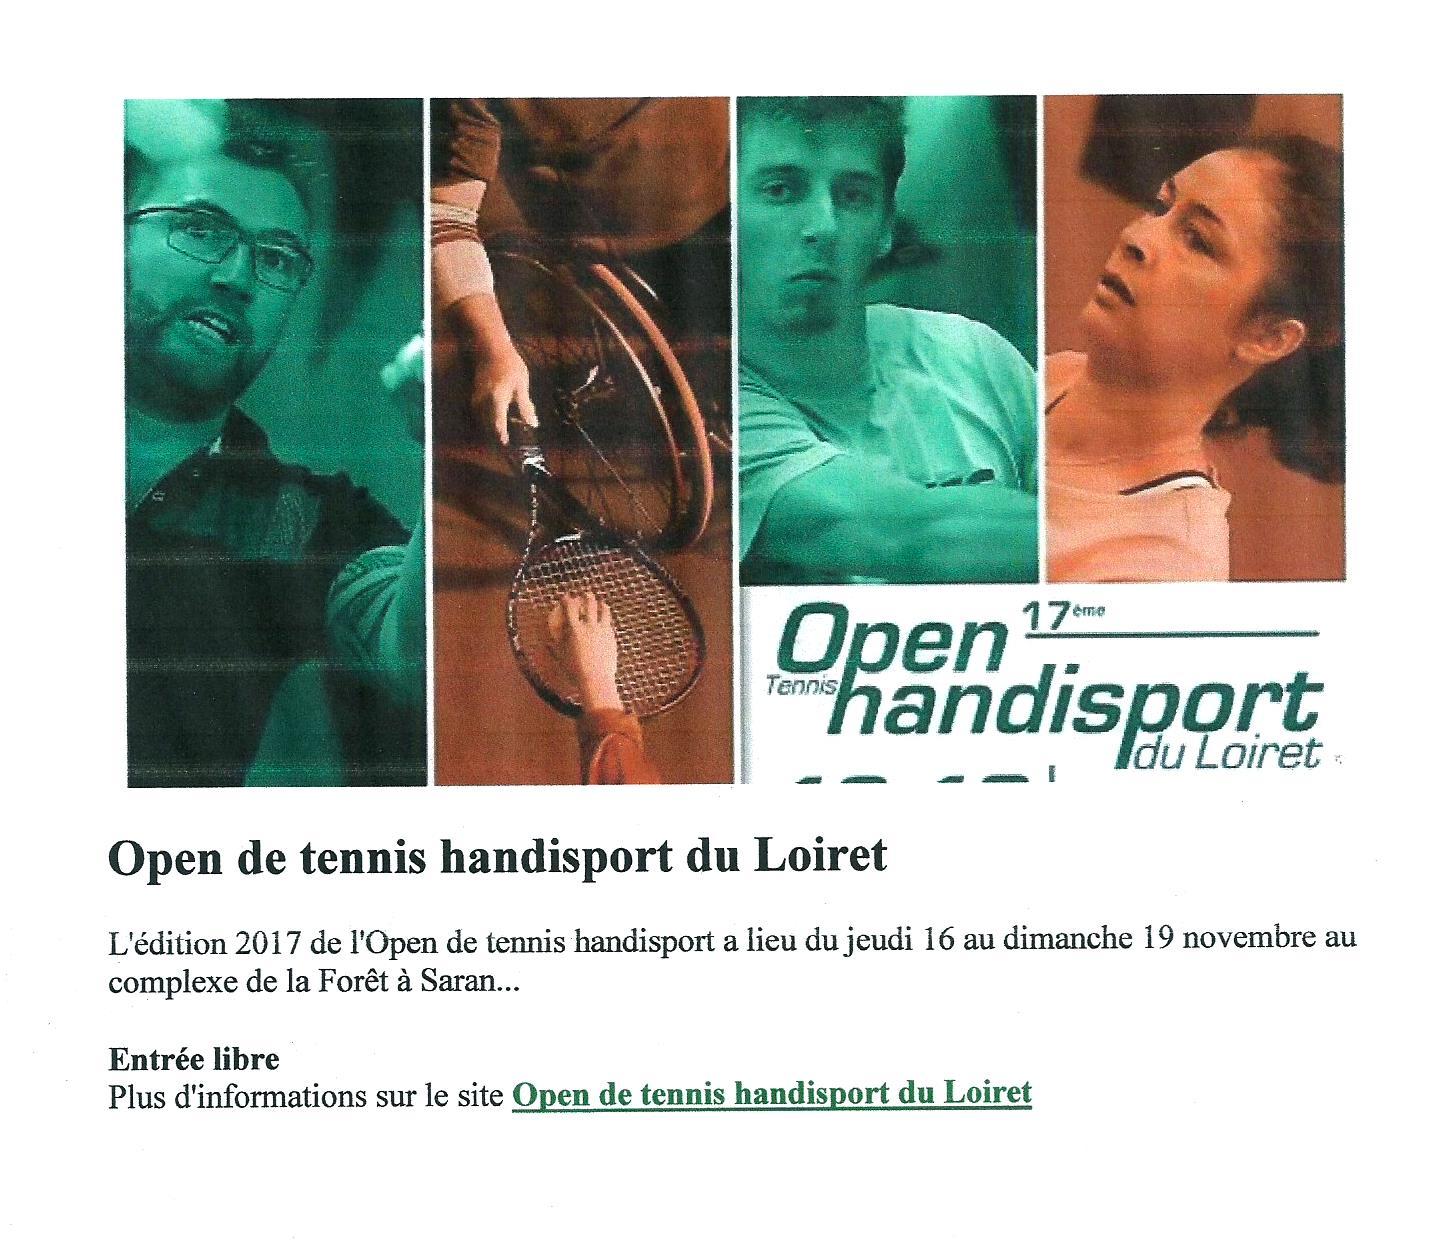 Scan Affiche 17ème Open de tennis handisport du Loiret 2017 (du.jpg